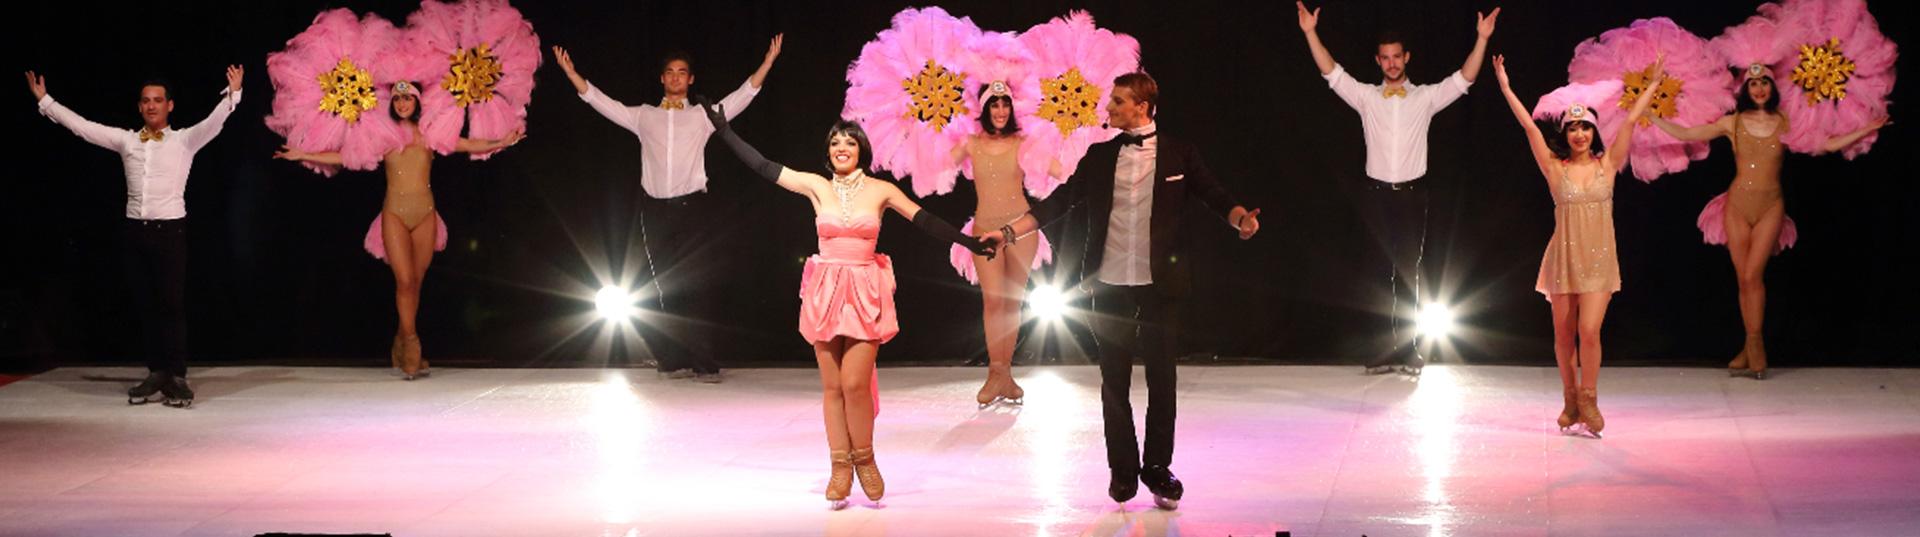 エクストラアイスのイベント用のスケートリンク